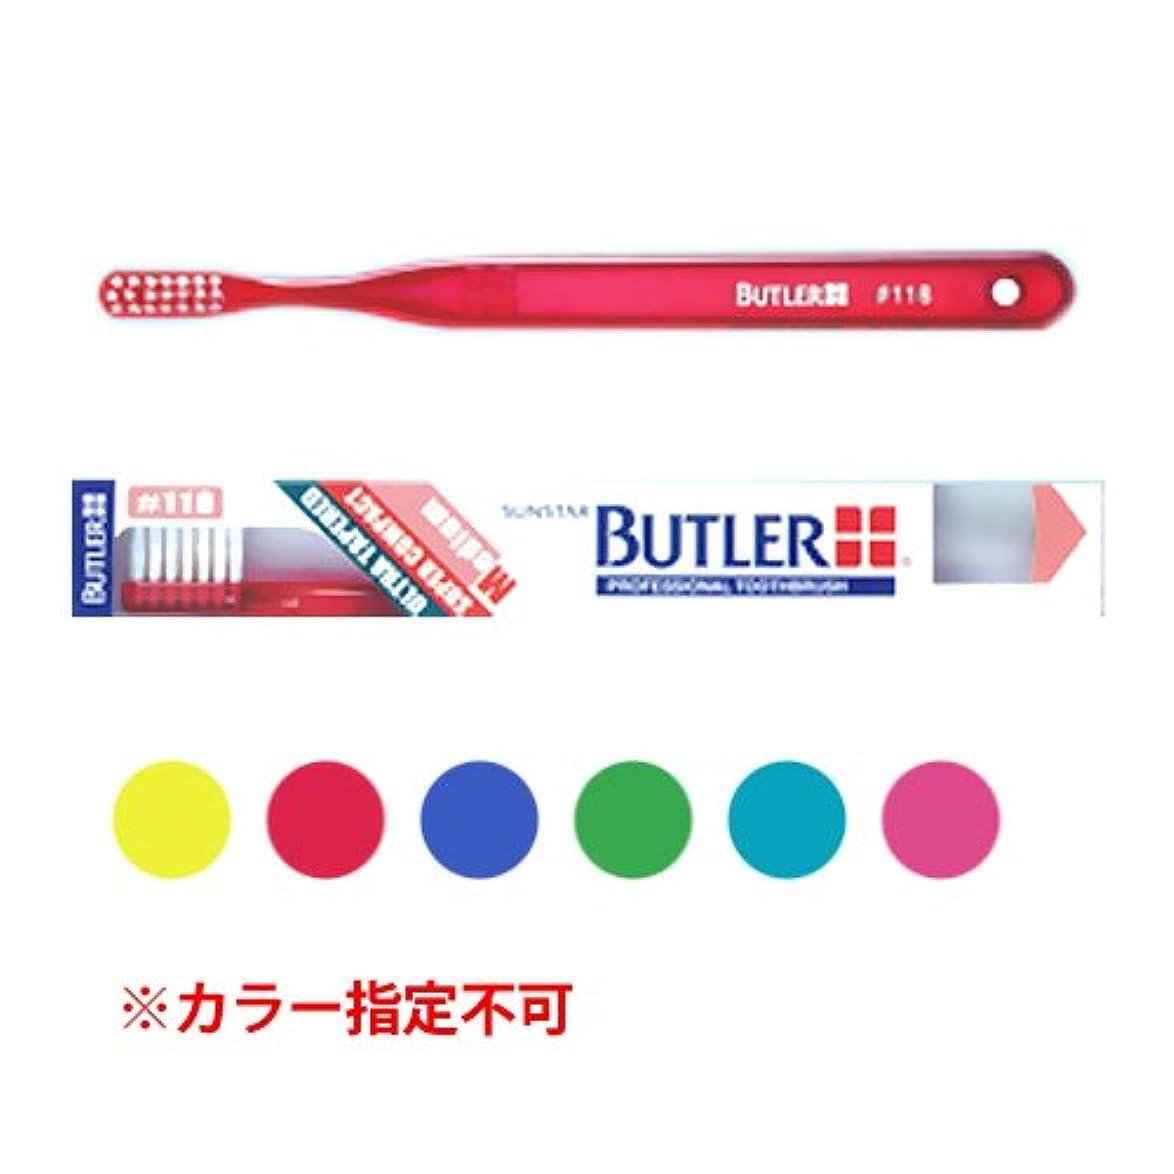 アクセスモンクブレーキバトラー 歯ブラシ 1本 #118